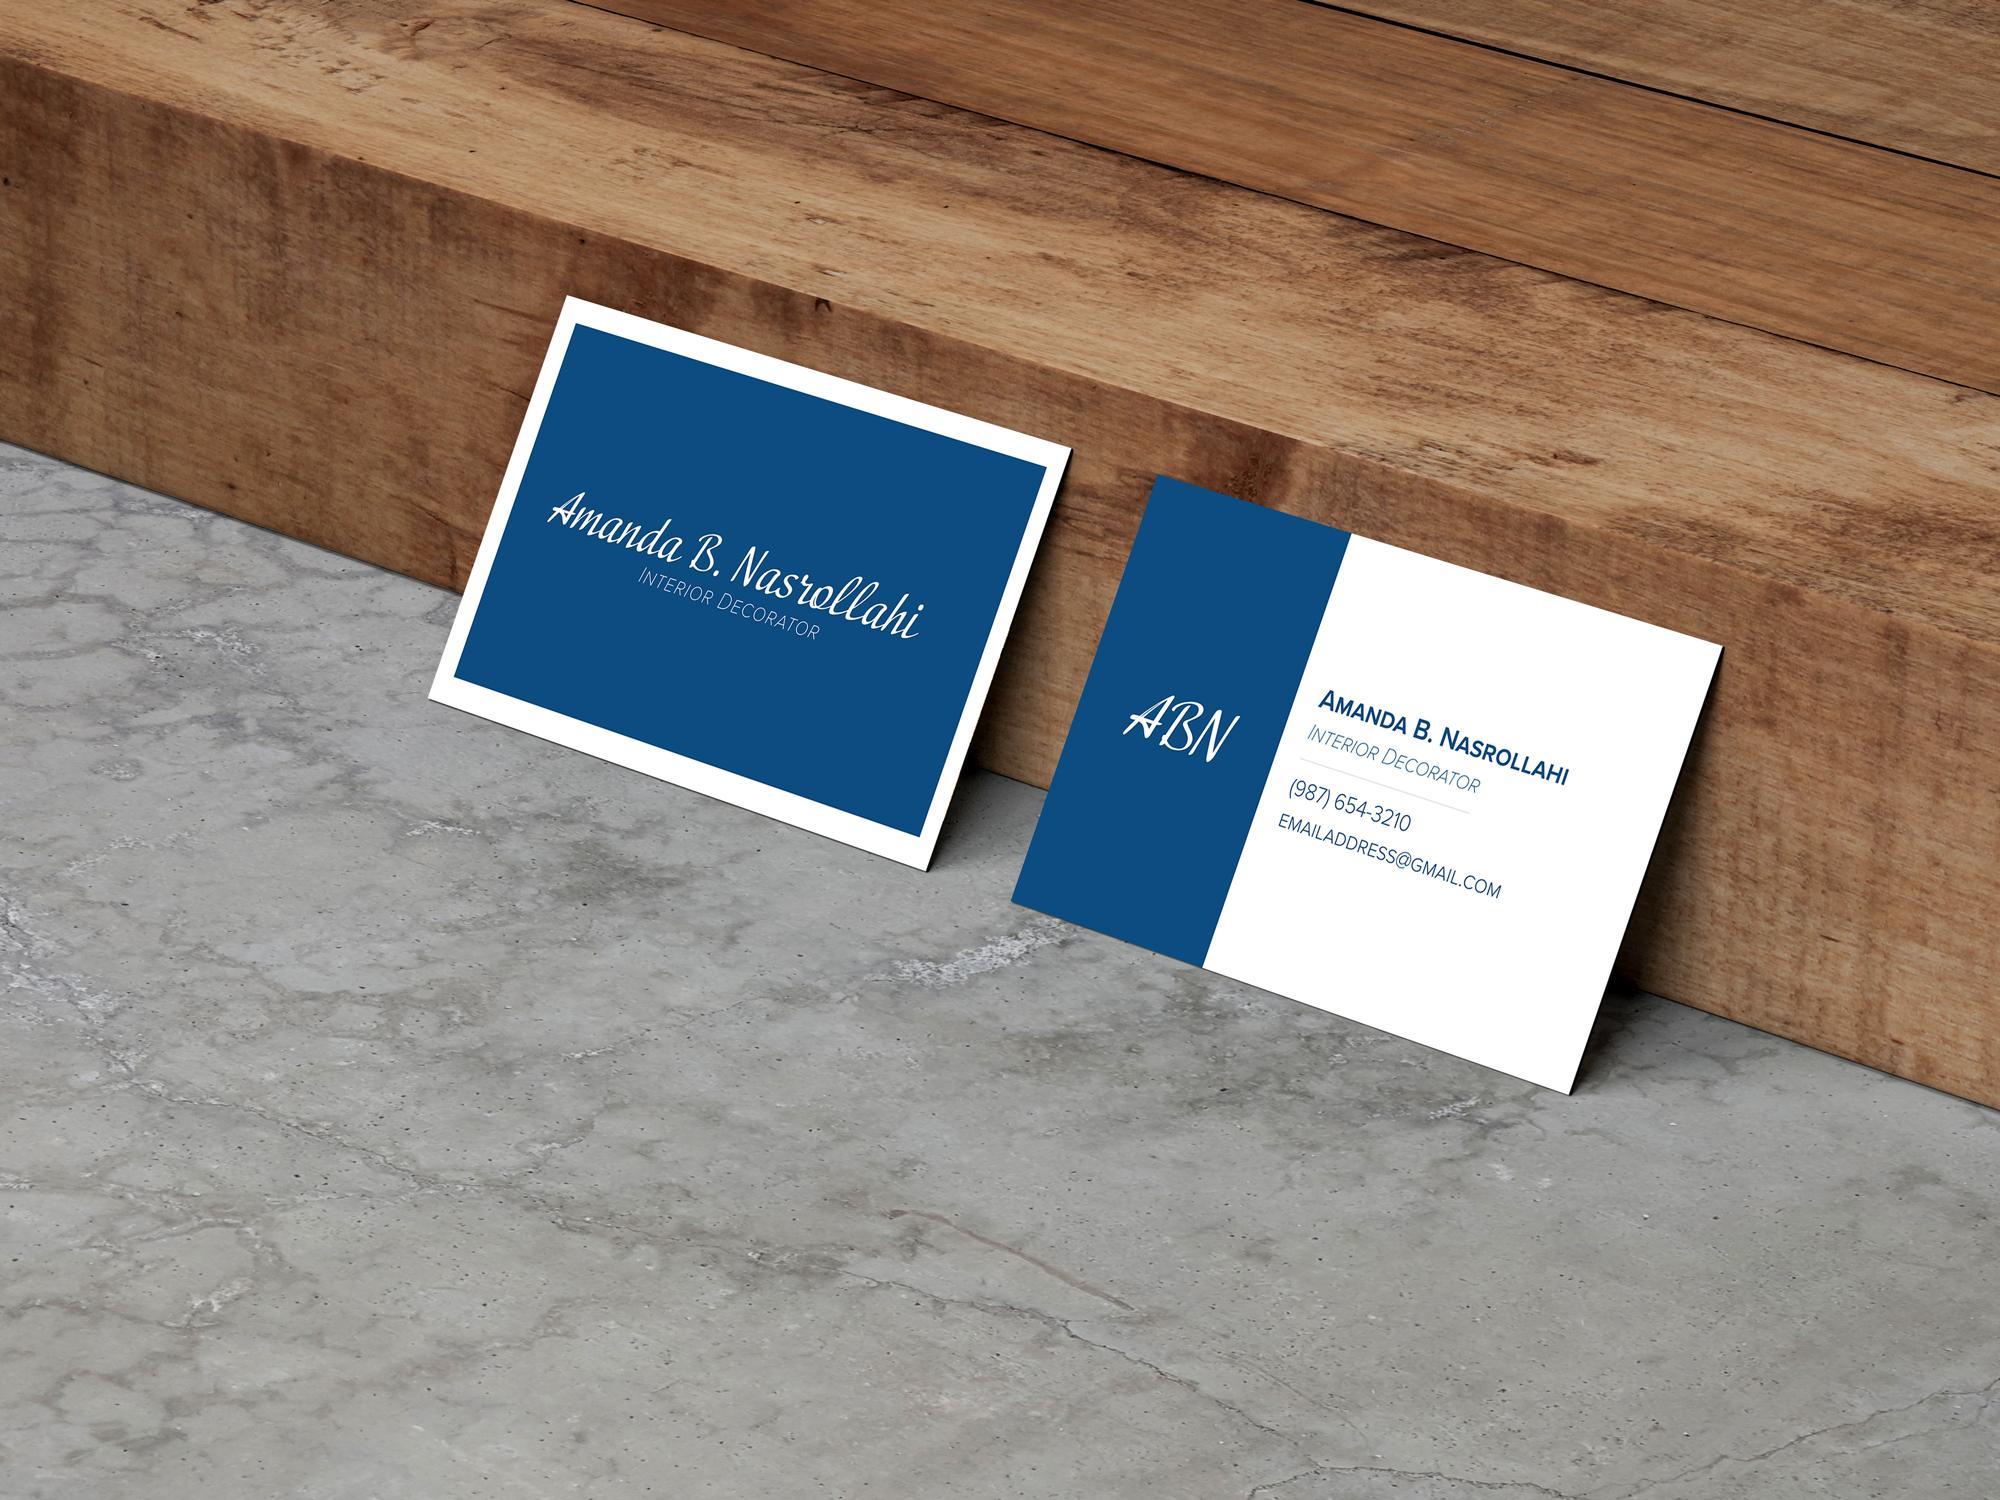 Amanda Nasrollahi business cards